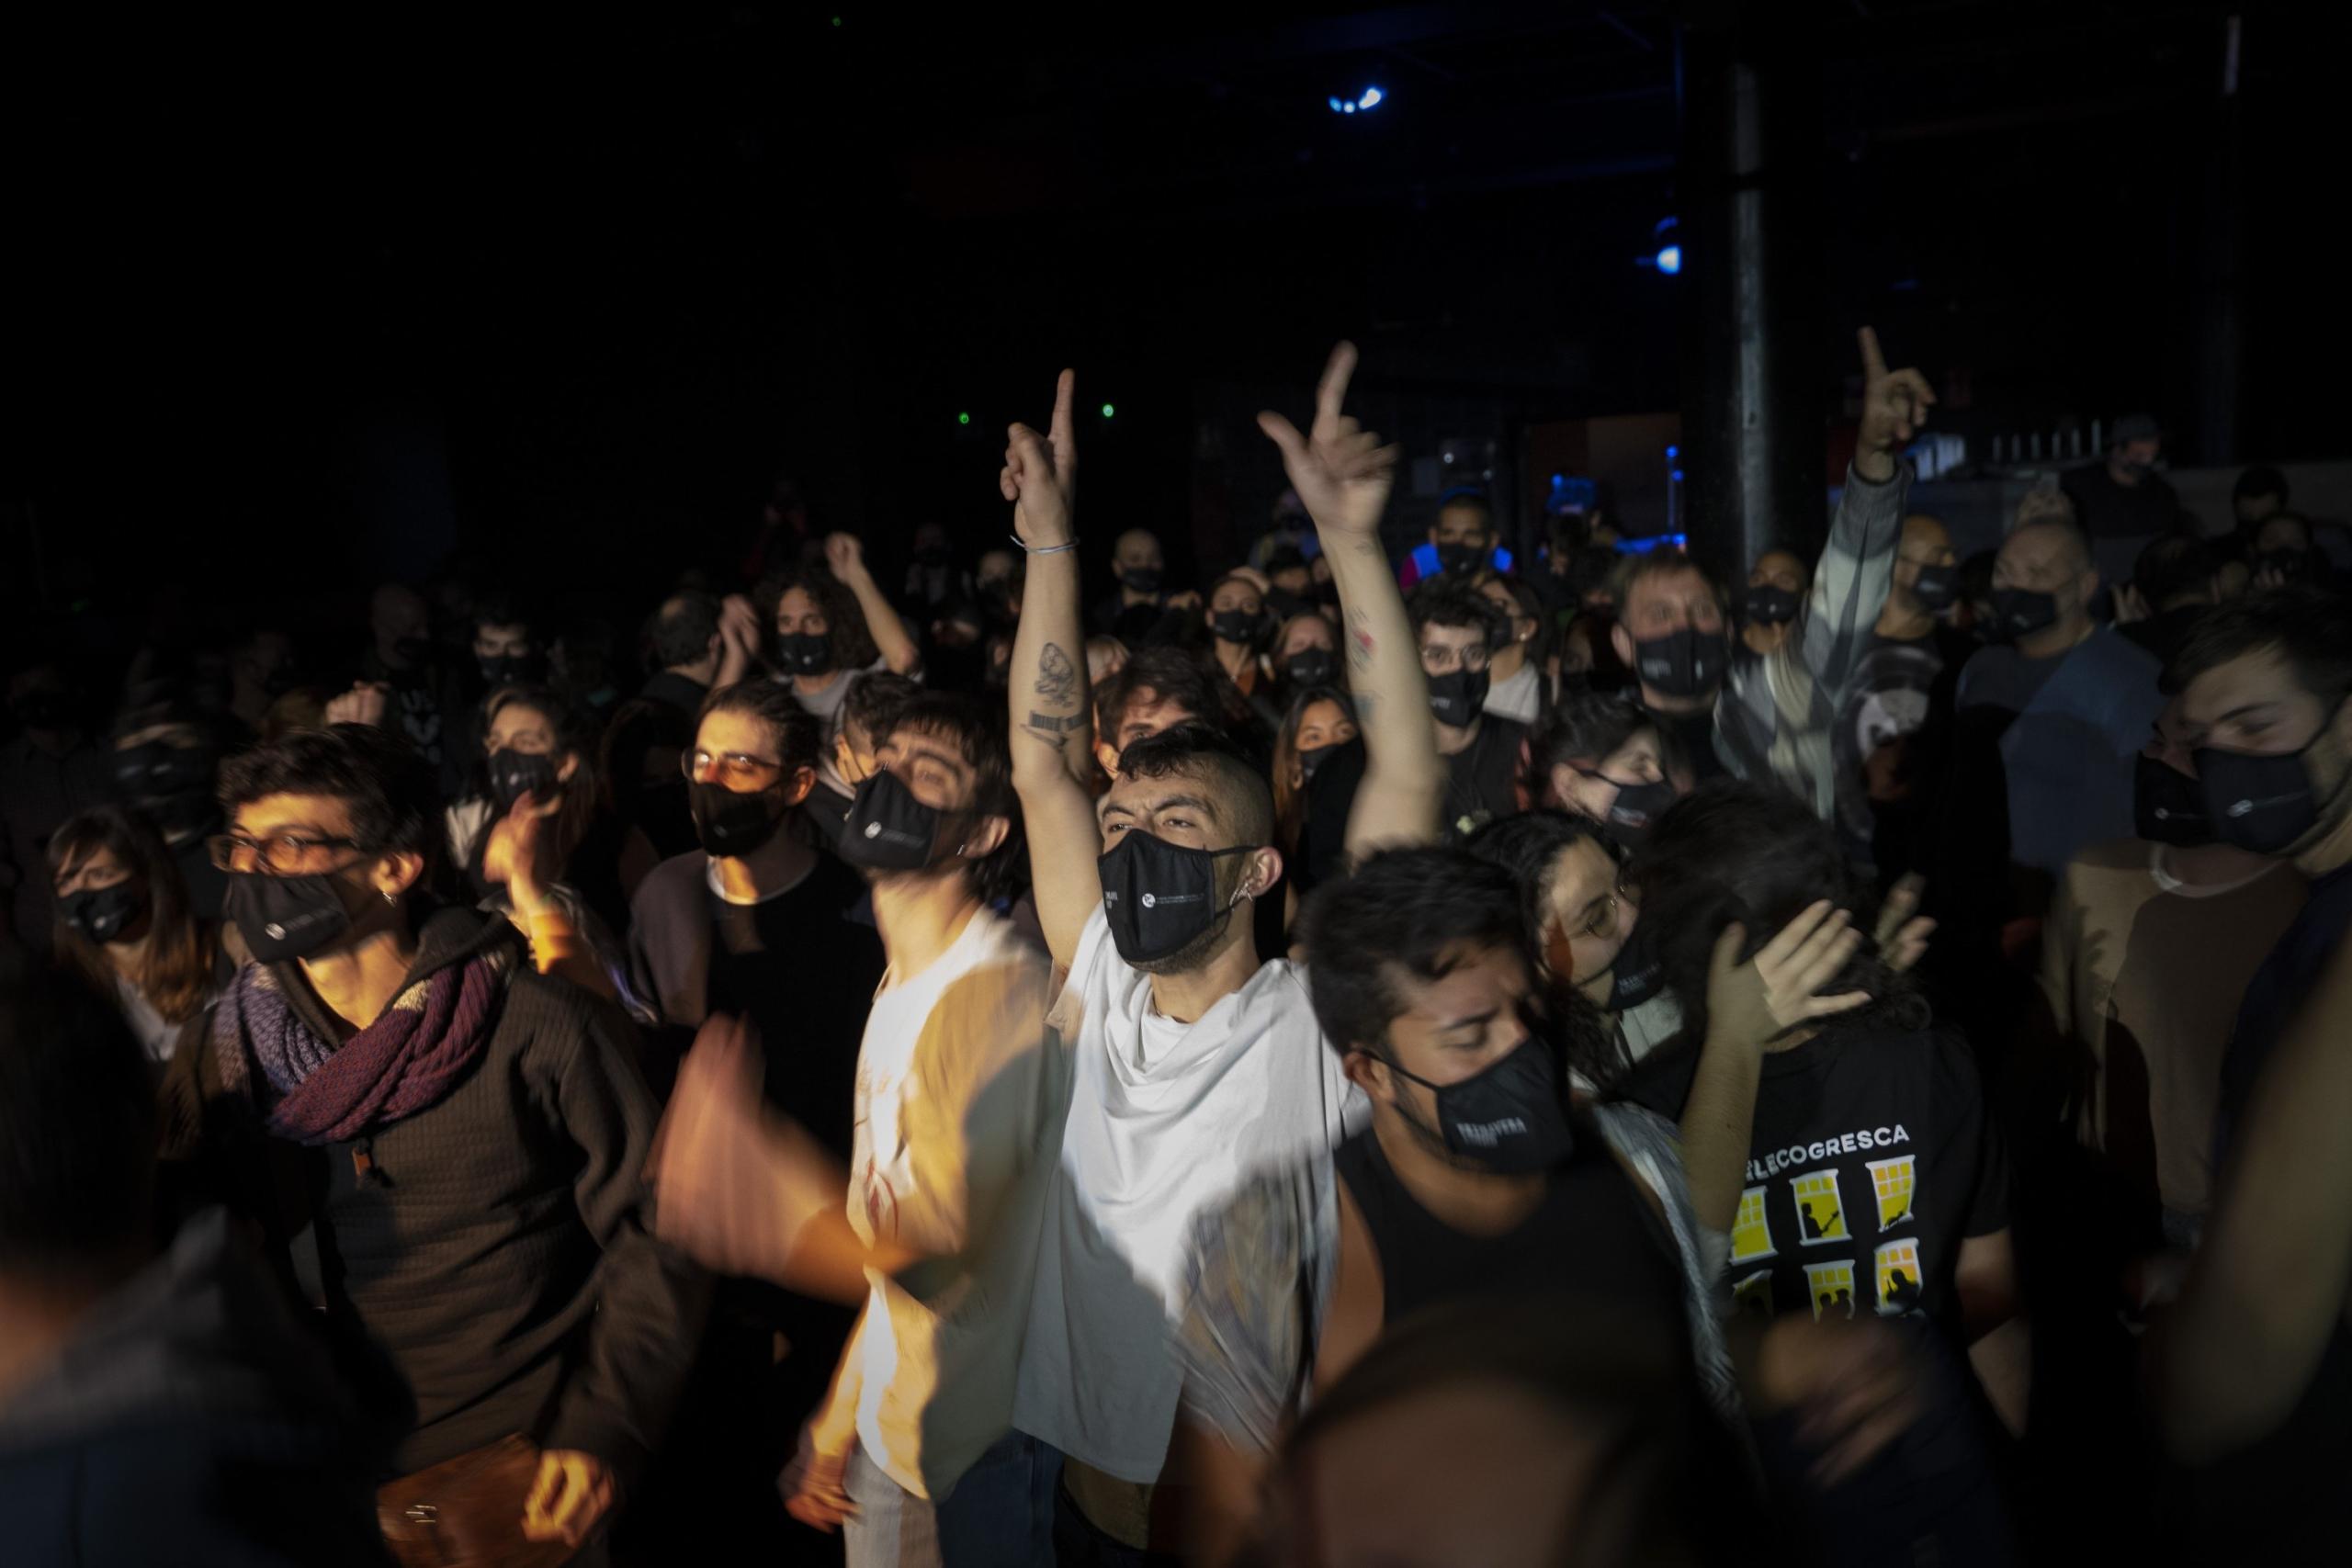 Sin contagios de COVID-19: El concierto de prueba de Primavera Sound para 500 personas fue un éxito